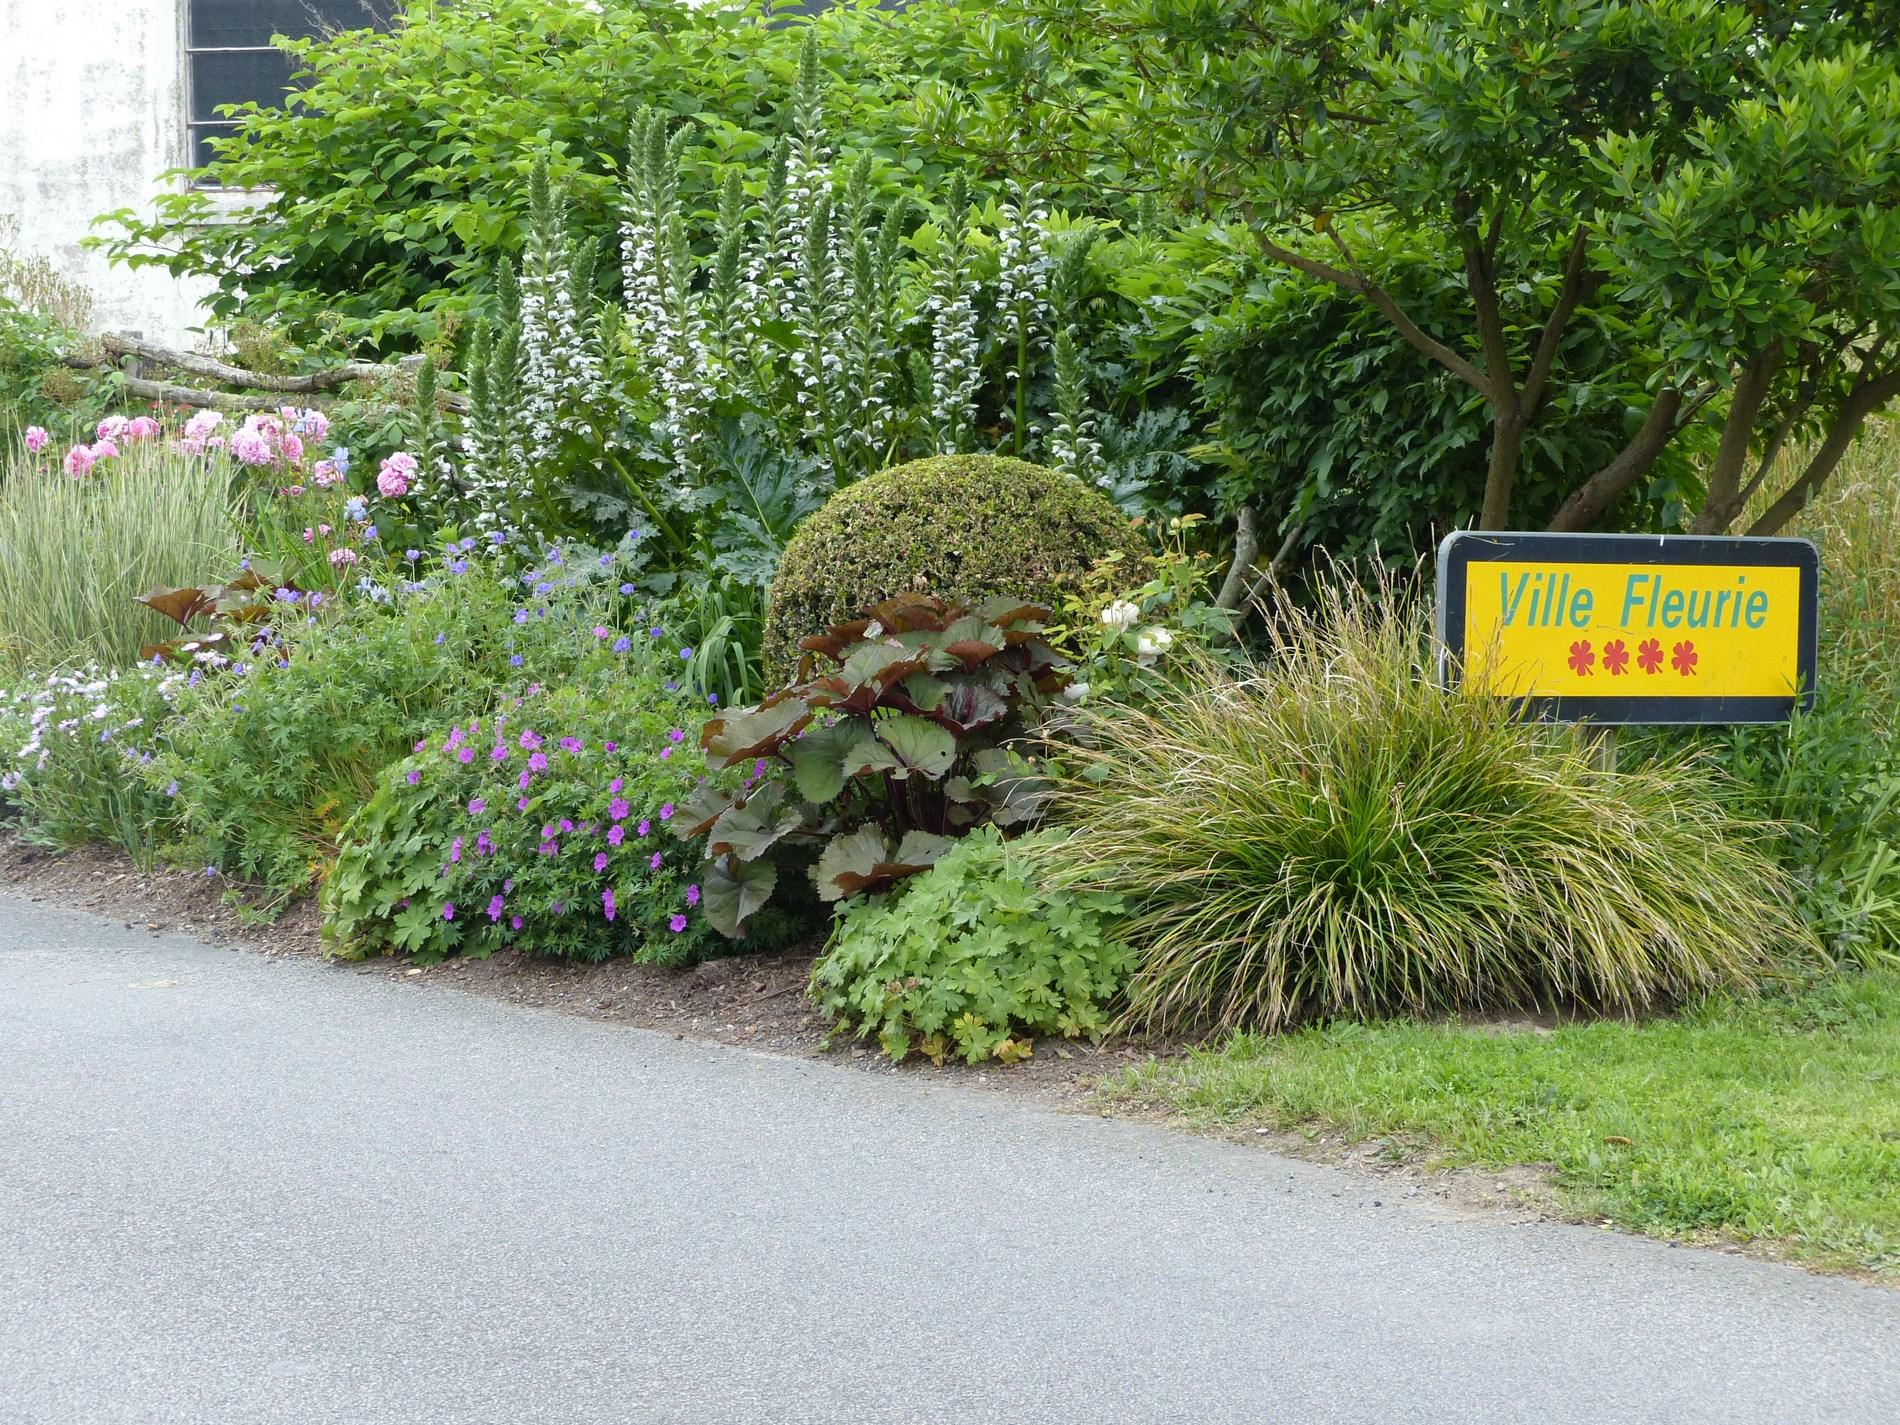 Balade au royaume des fleurs ! - Office de tourisme du vignoble de ...